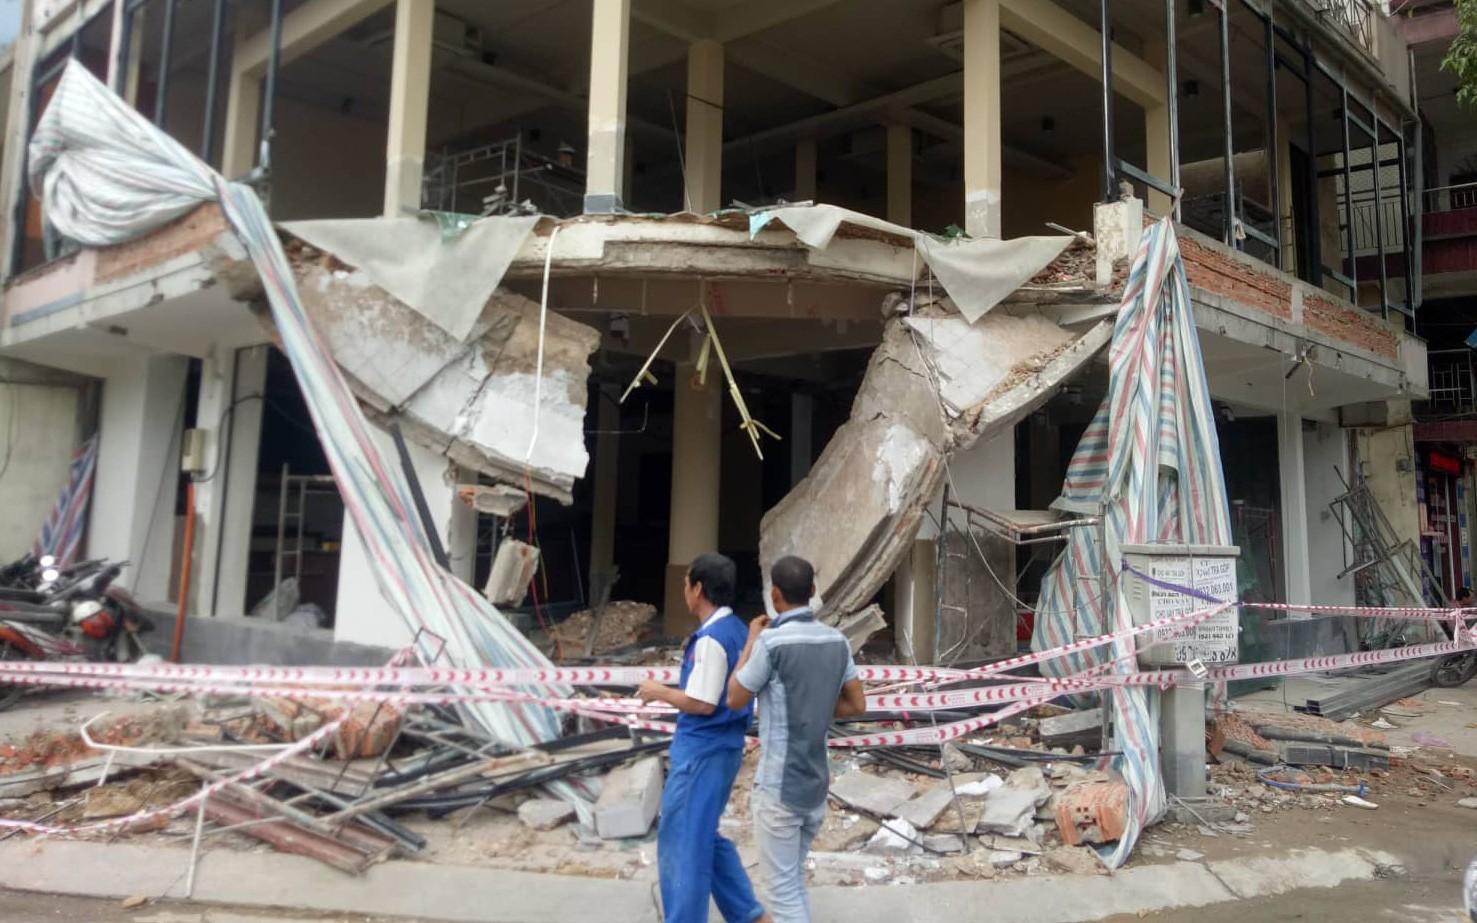 Sập nhà ở Sài Gòn, 2 người nguy kịch